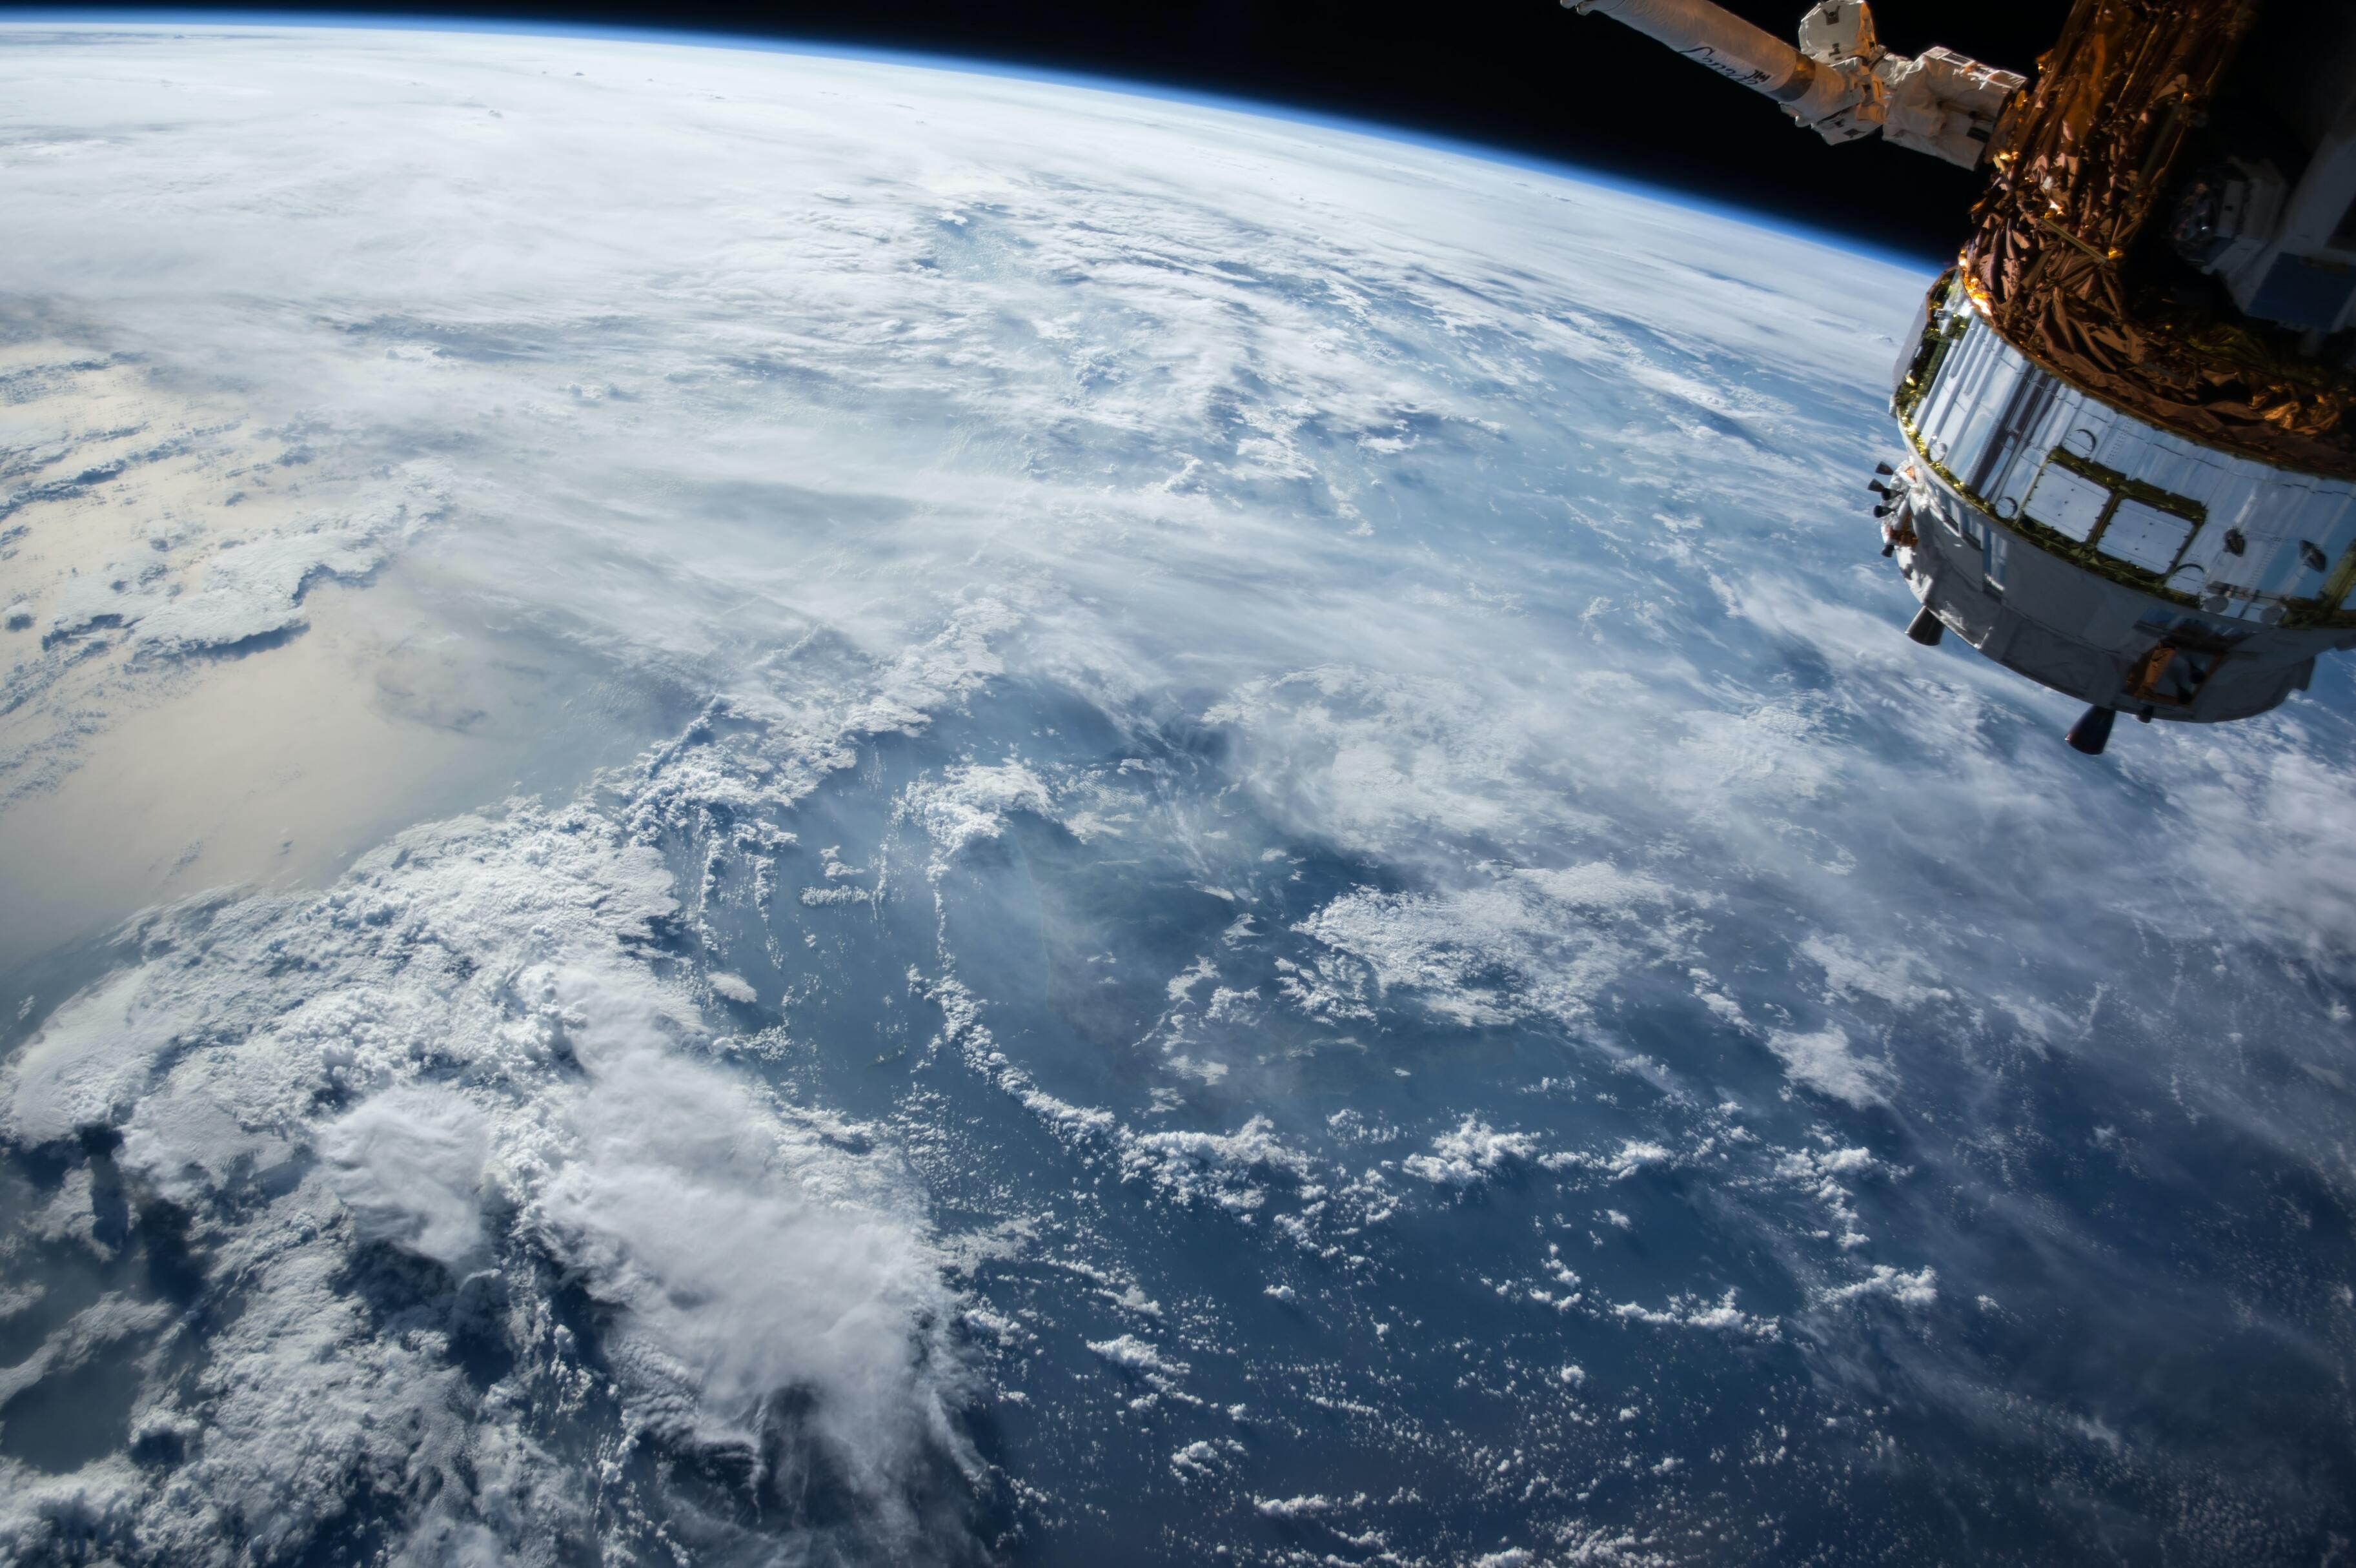 США внедрят 5G и искусственный интеллект в космические системы